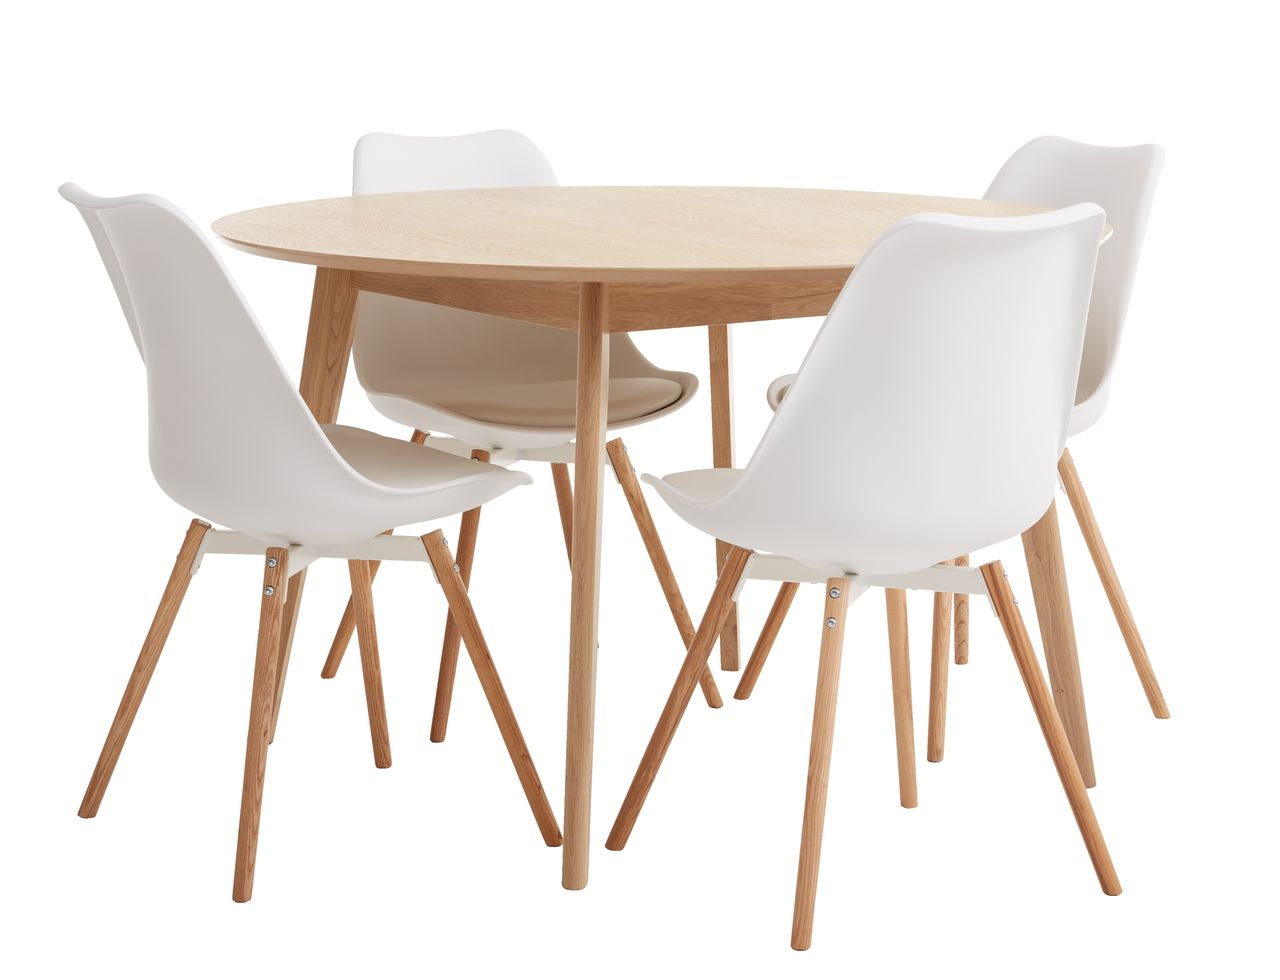 Spisebord KALBY Ø120 lys eik   JYSK